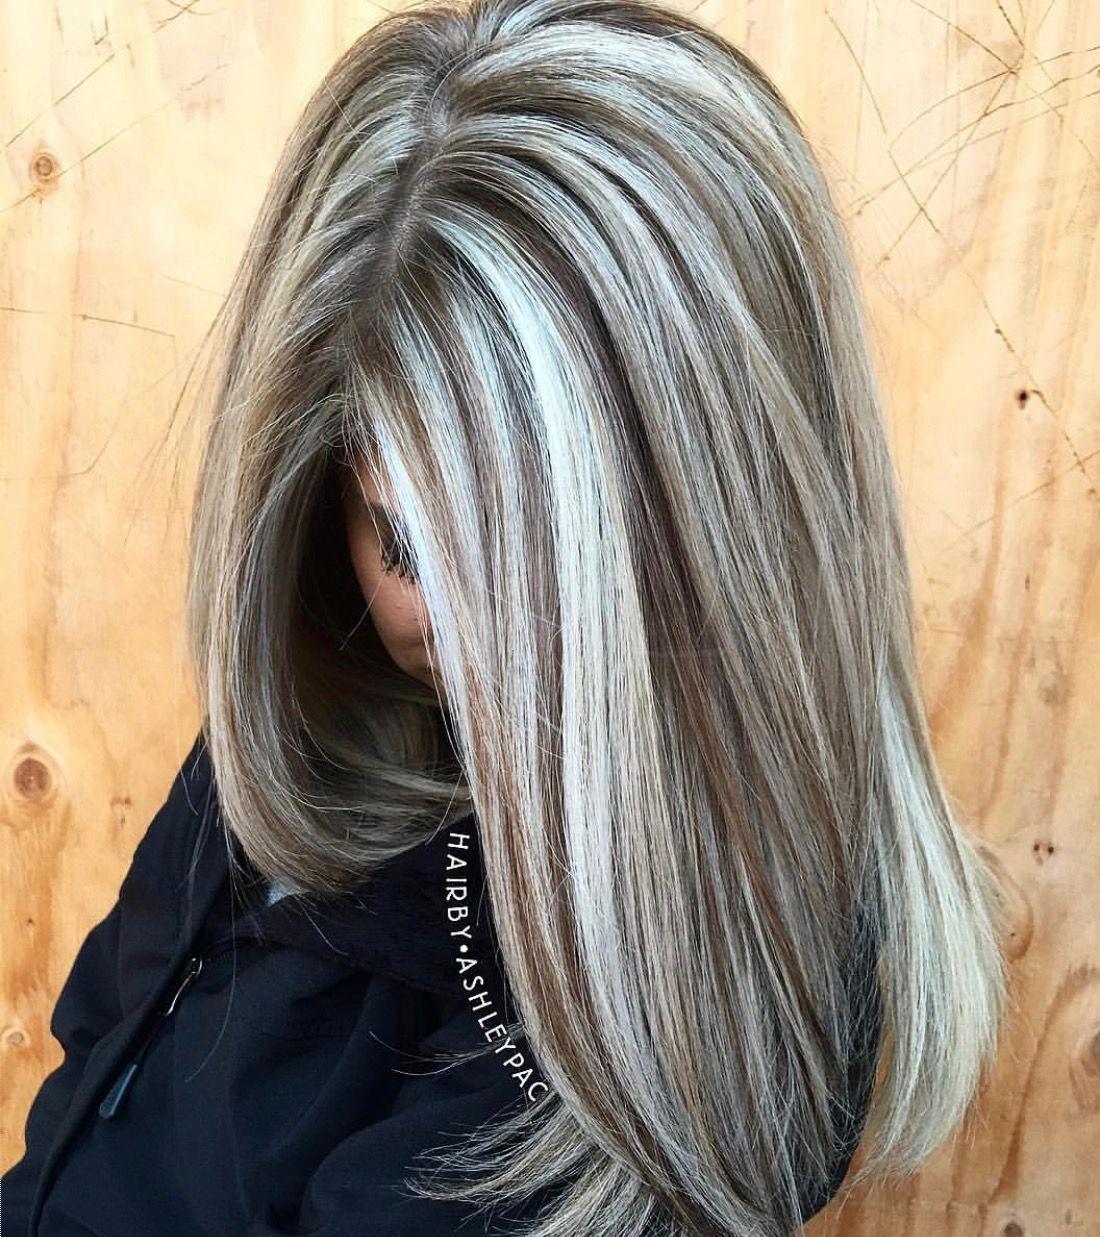 Silber haarfarbe  Pin von Ann Day auf Hair | Pinterest | Haar, Frisur und Haarfarben